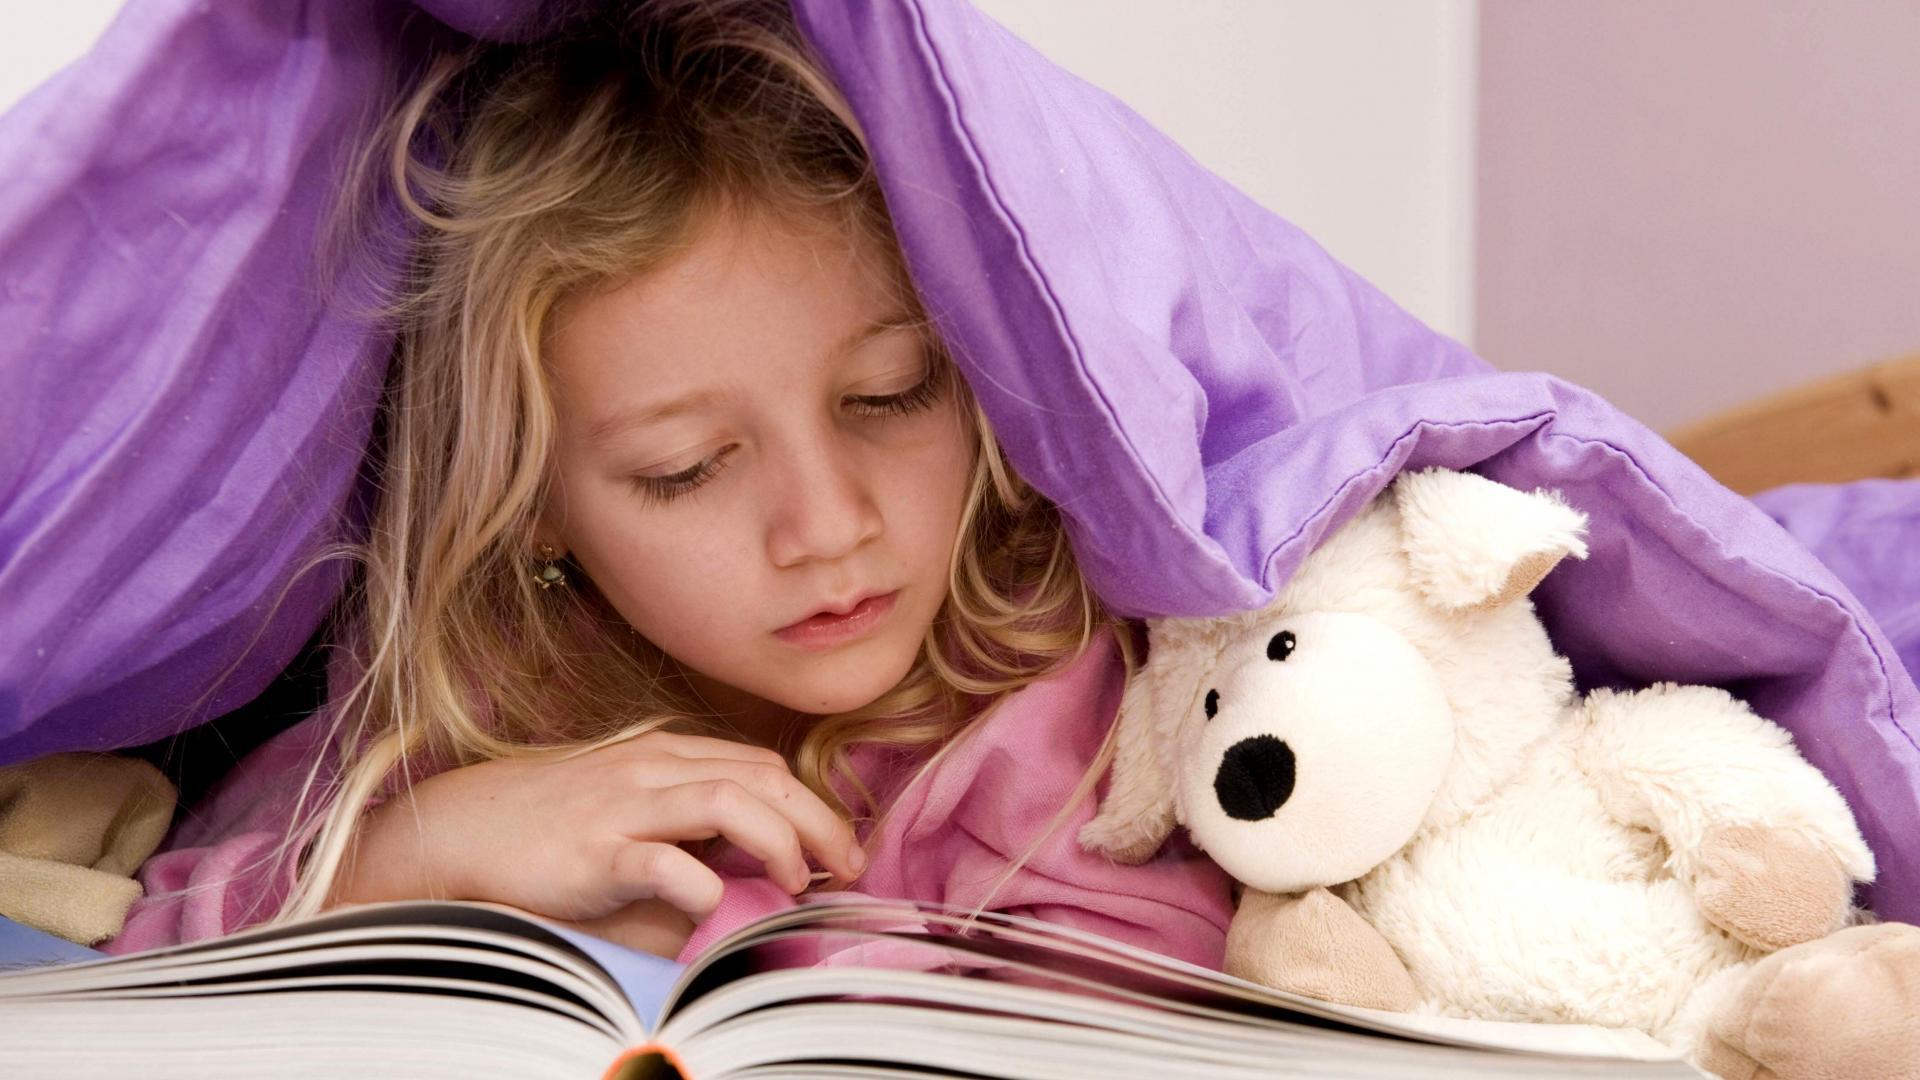 Mädchen liegt unter der Bettdecke und liest ein Buch